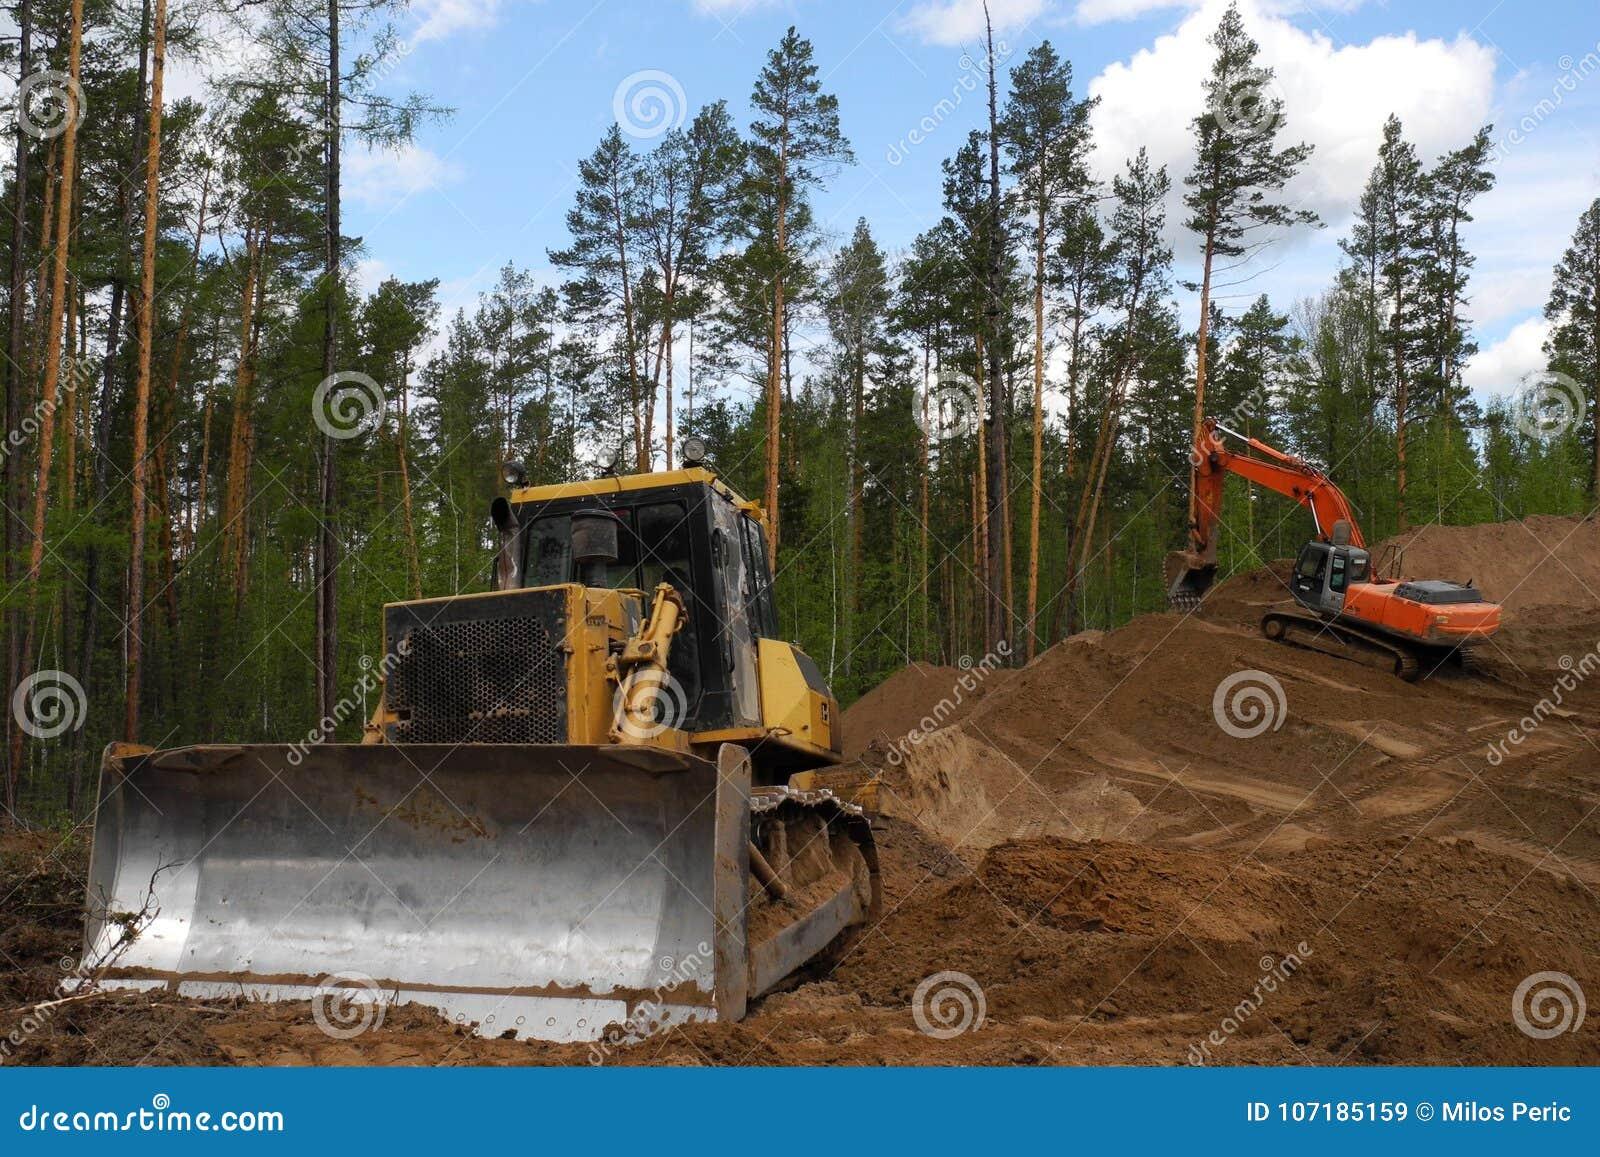 Escavadora e máquina escavadora